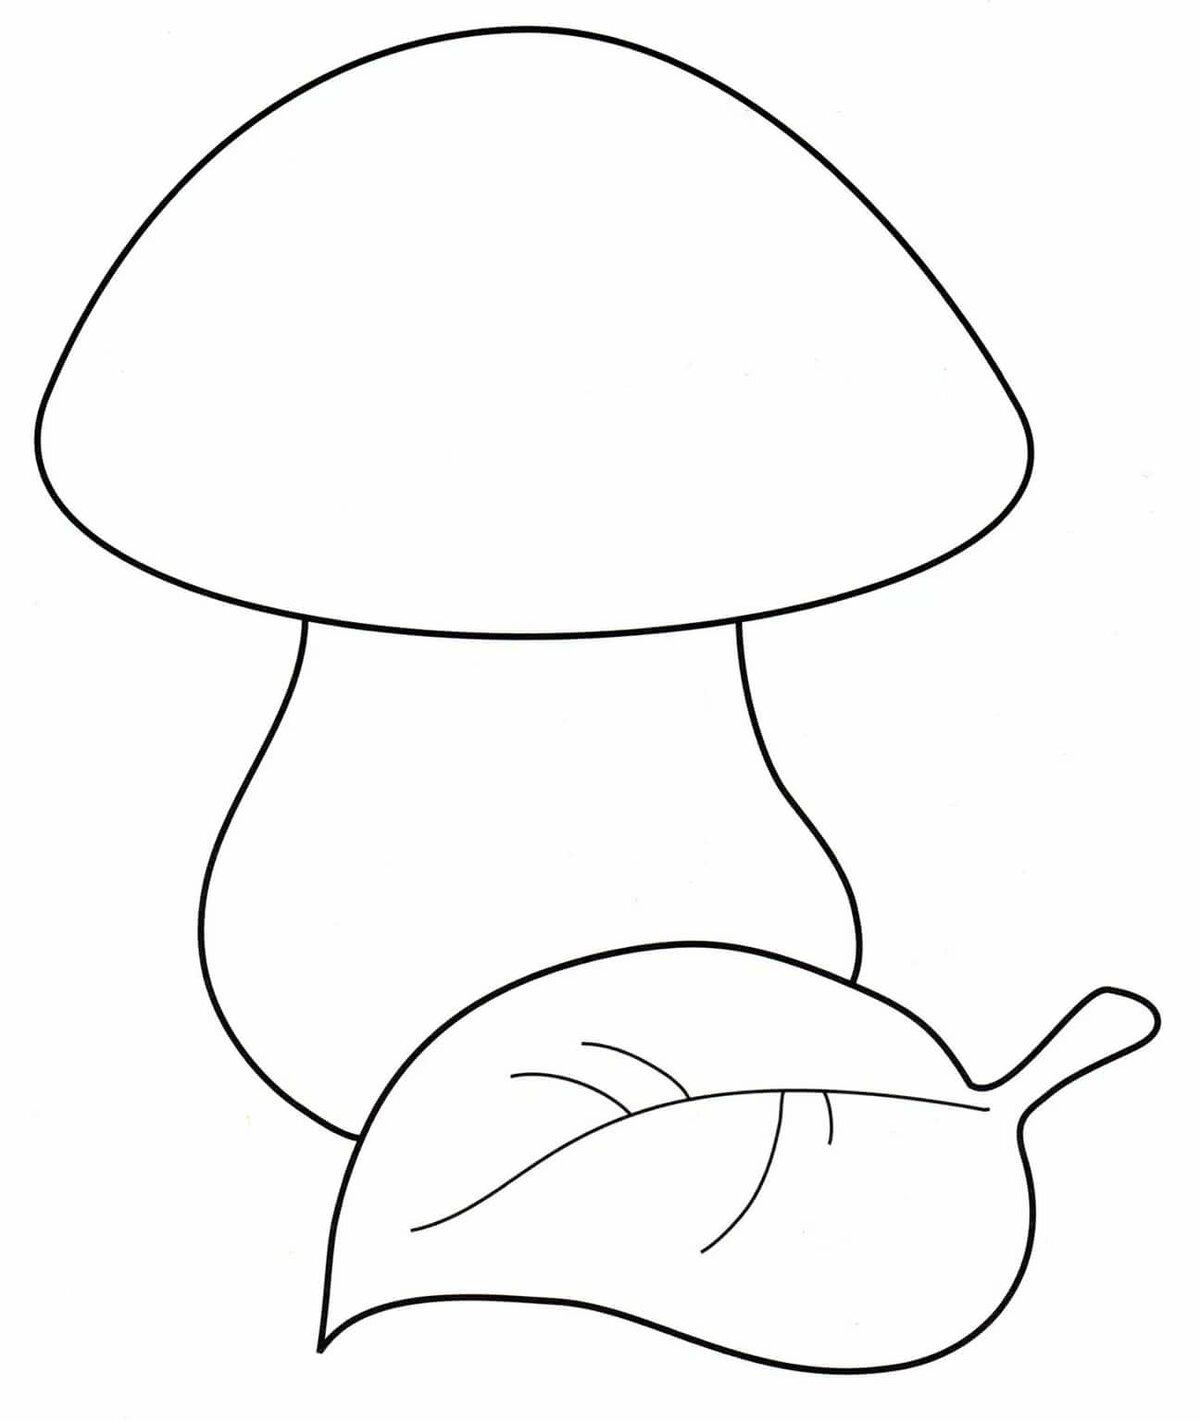 Шаблоны и картинки грибов